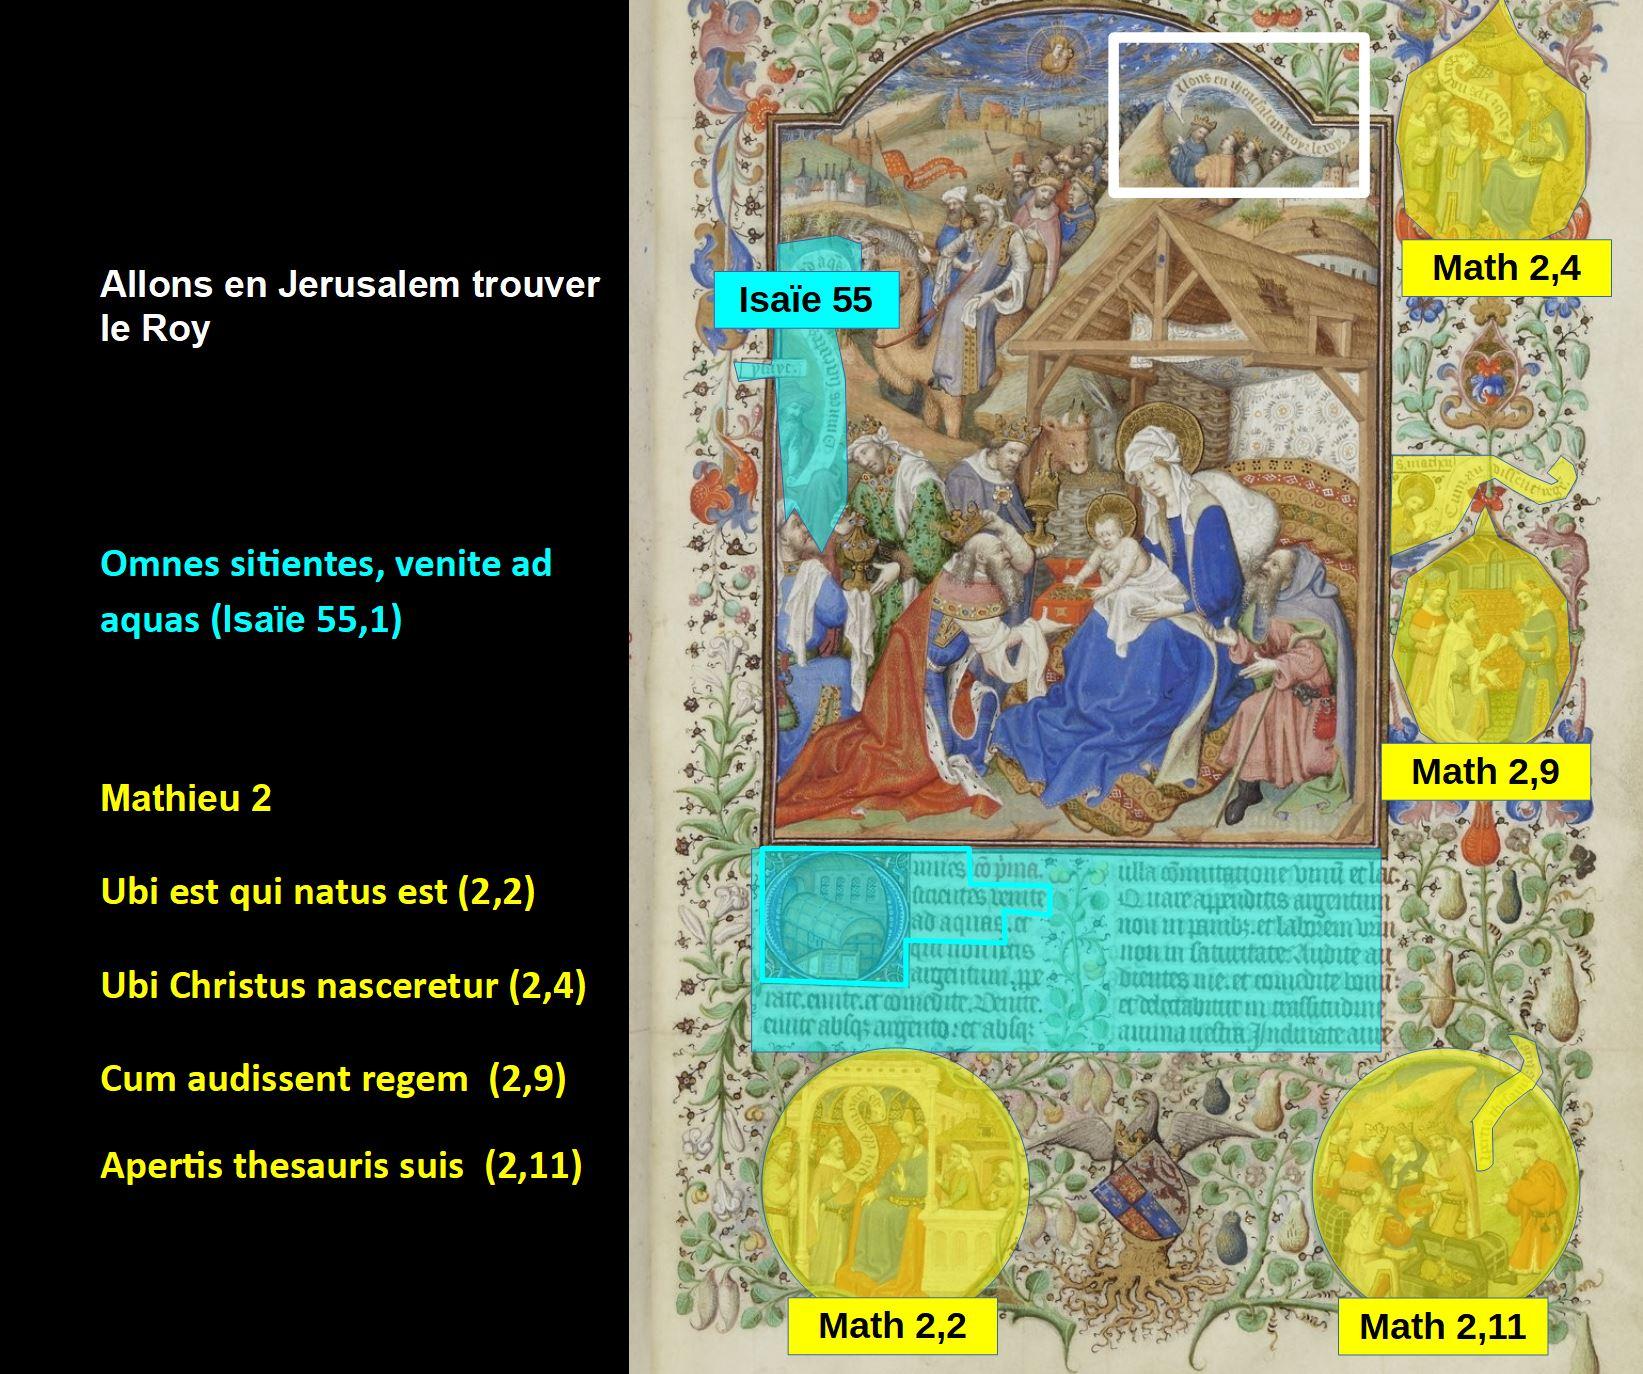 Maitre de Bedford, 1424-1435, Breviaire de Salisbury, pour le duc de Bedford BNF Lat 17294 fol 106r Adoration des Mages gallica schema